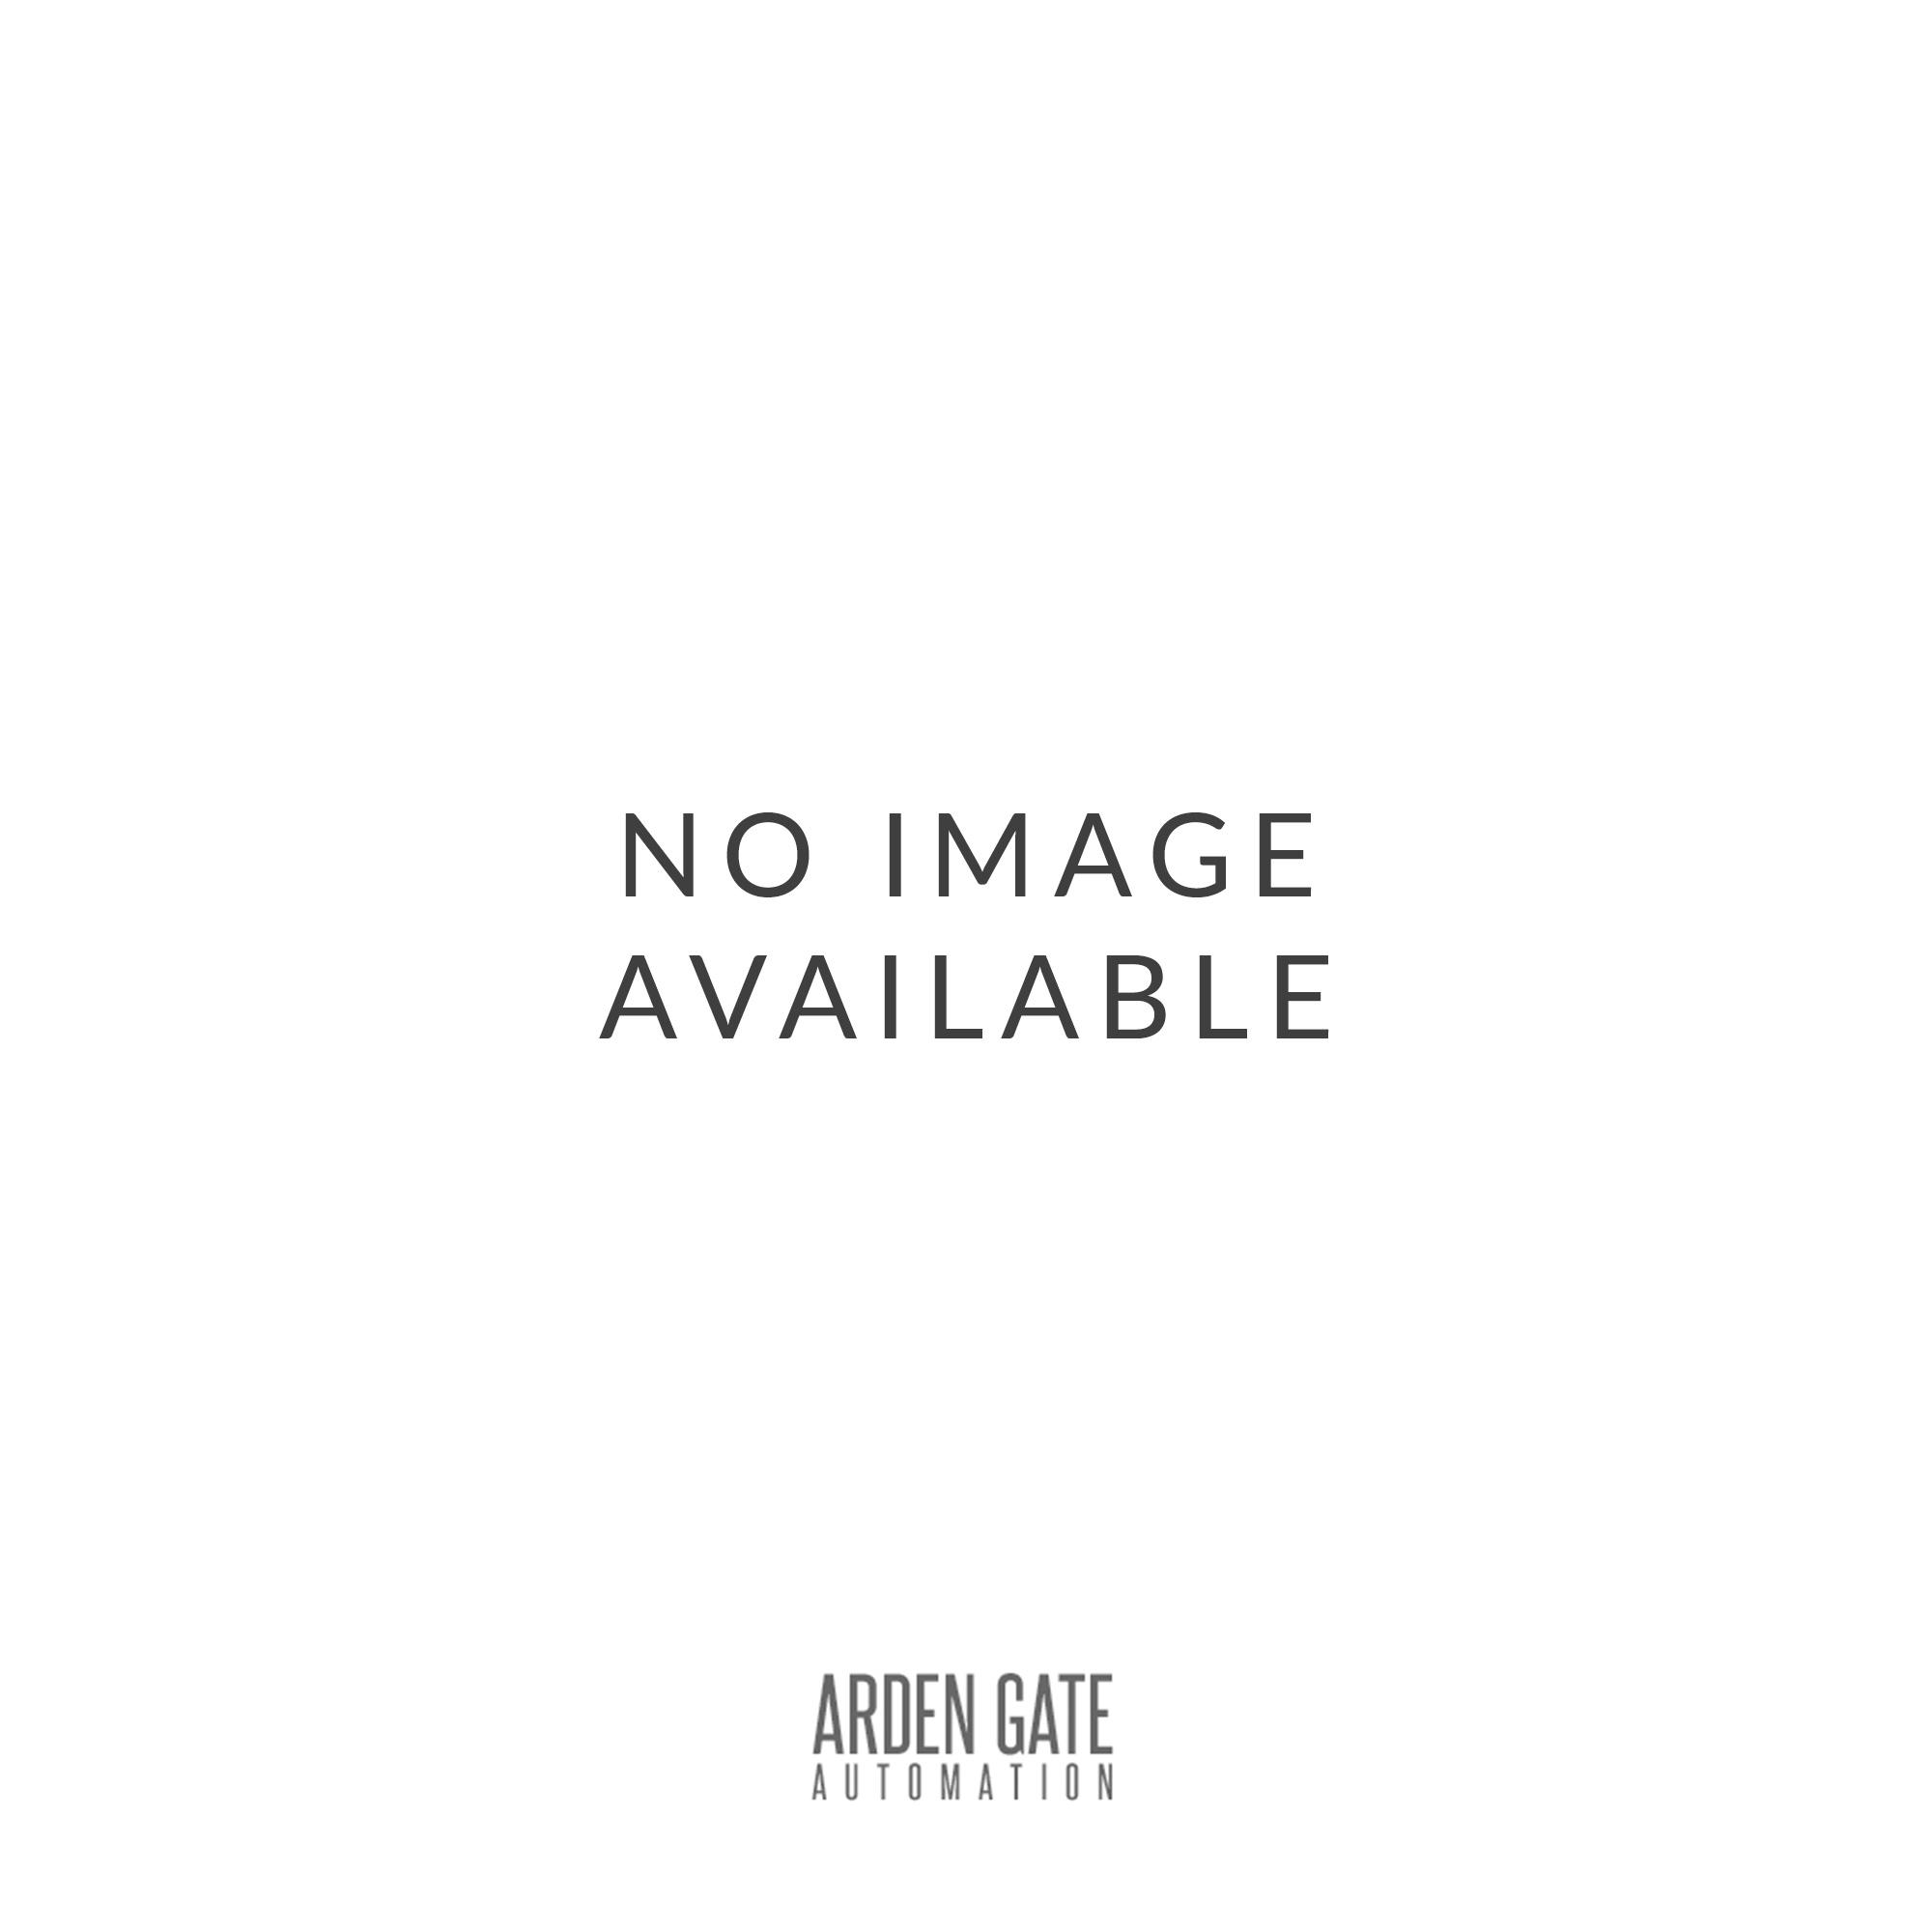 SUB E Hydraulic motor (LH or RH motor)